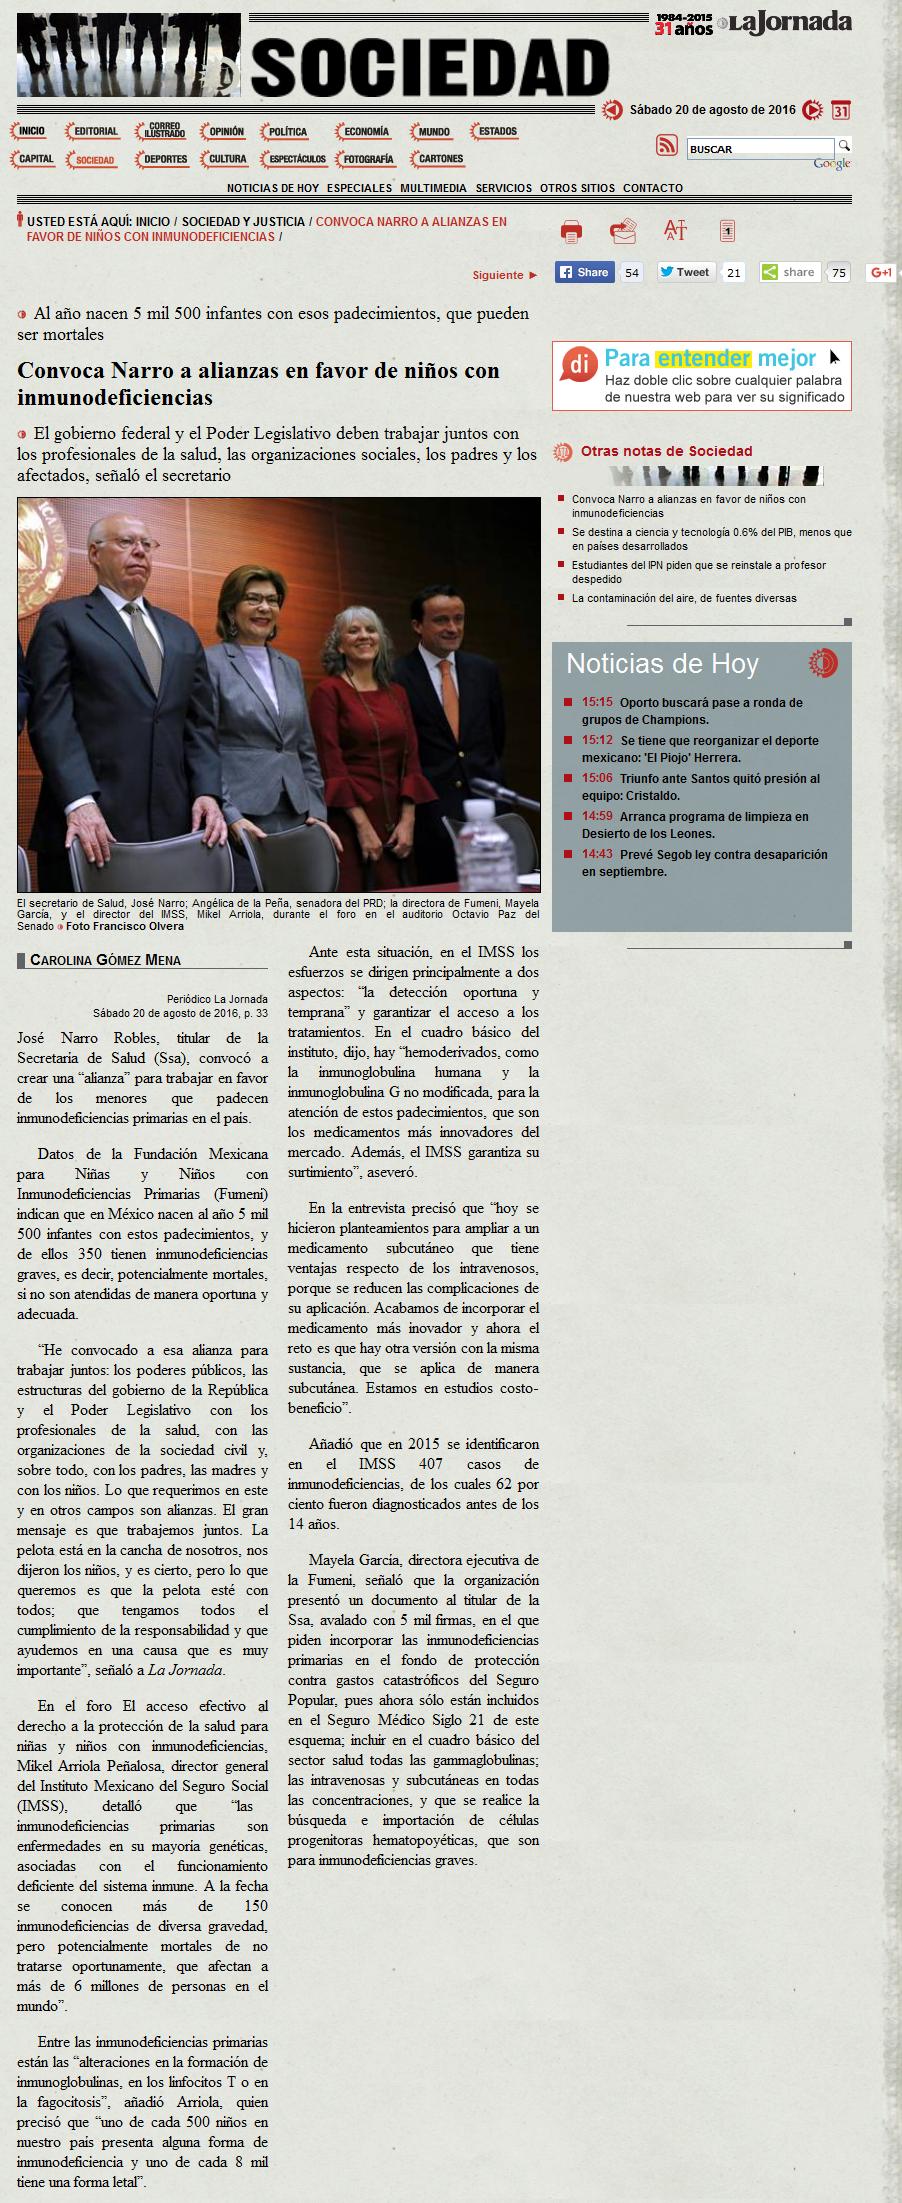 screenshot-www jornada unam mx 2016-08-22 16-30-13